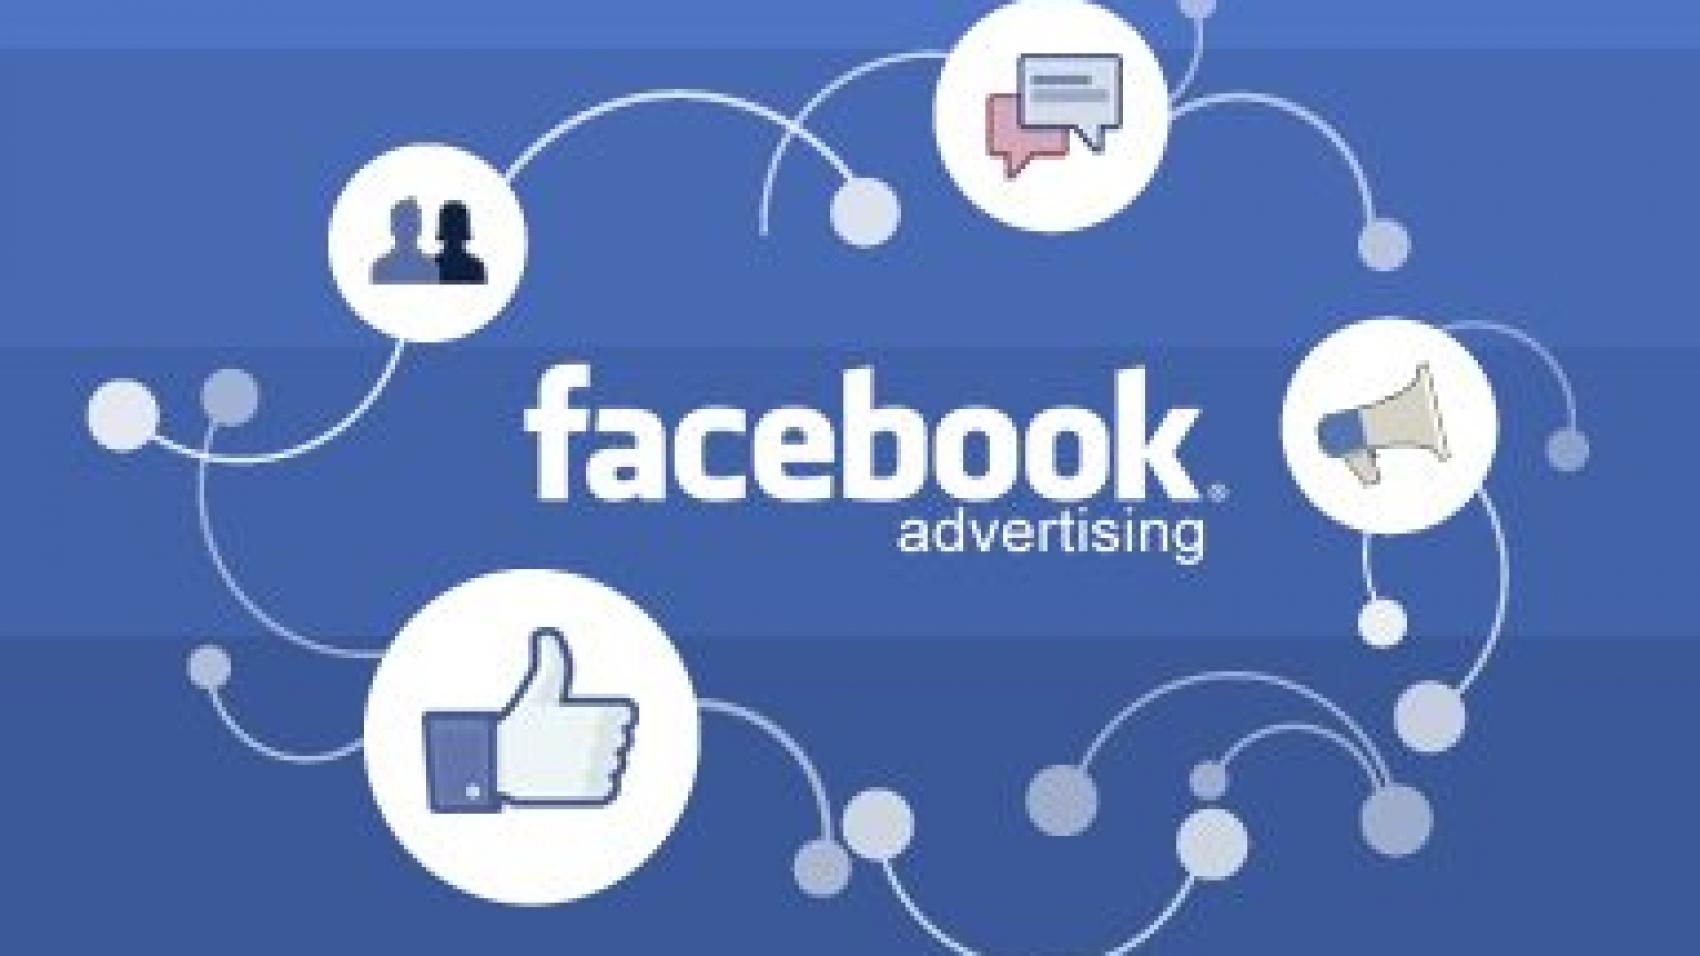 Những Từ Bị Cấm Trong Quảng Cáo Facebook Ads